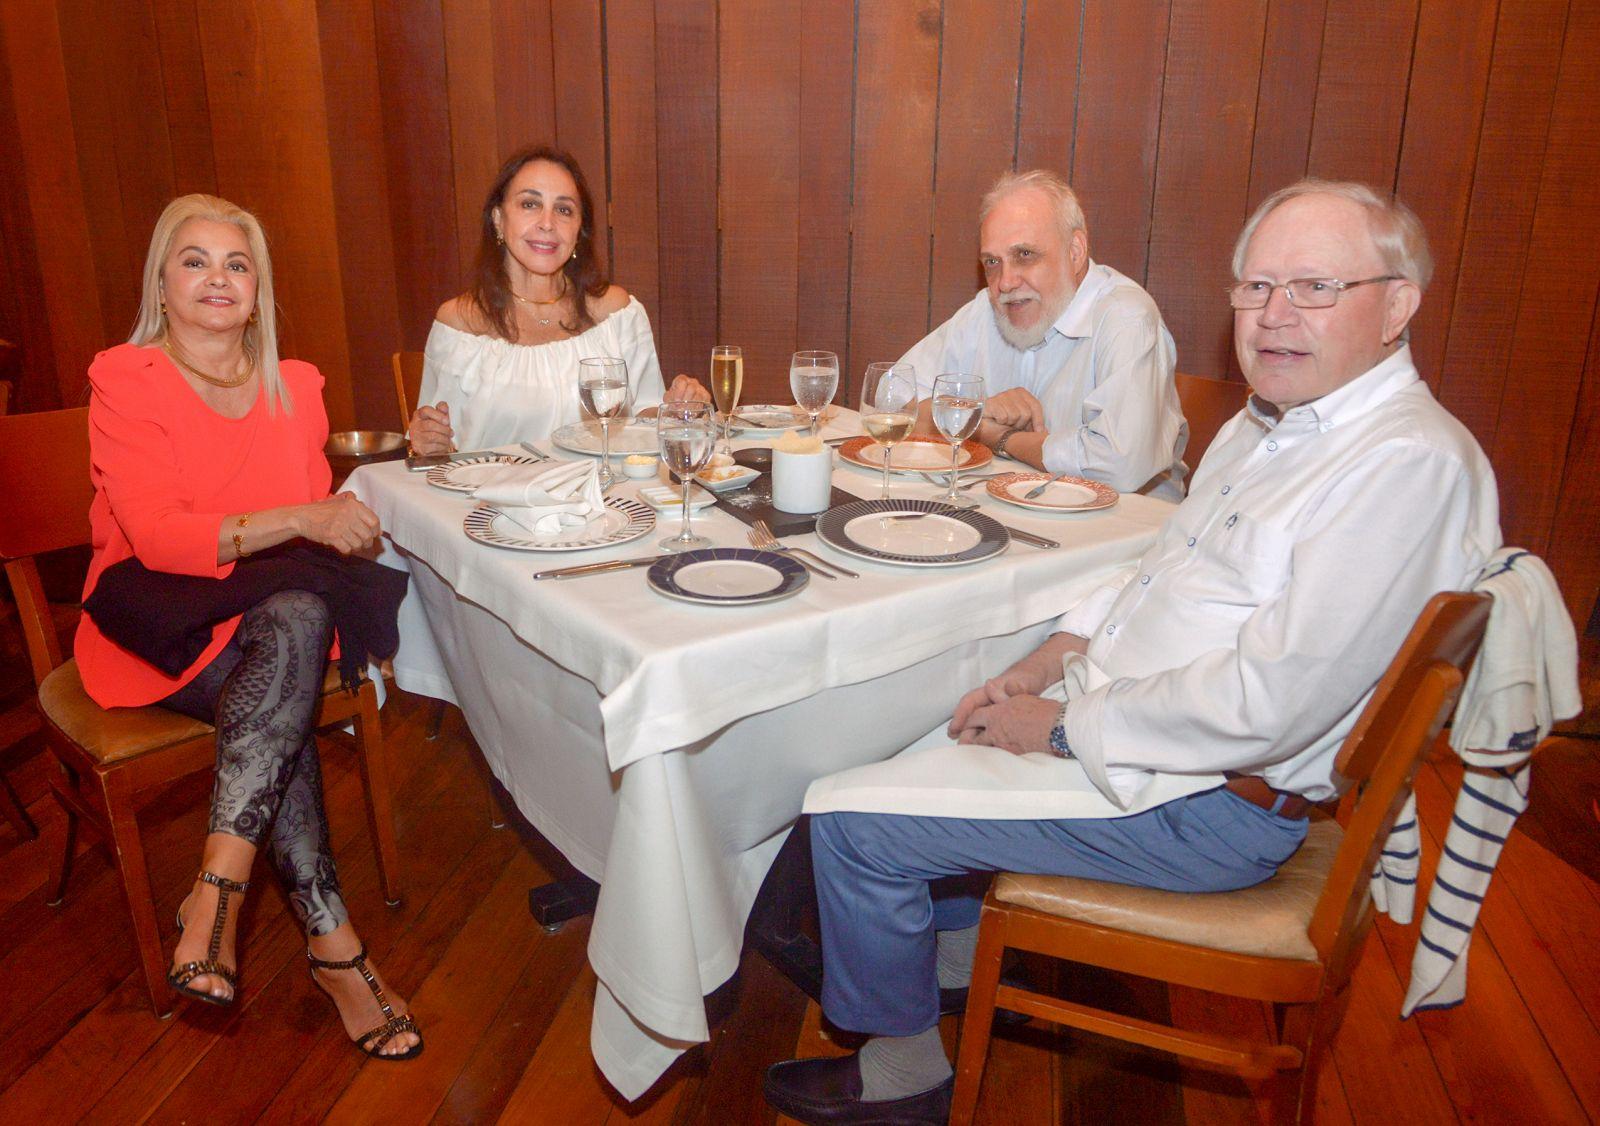 Frances e Giovanni Pisano levaram Regina e Gunter Glauner para jantar no Amado ontem(15)